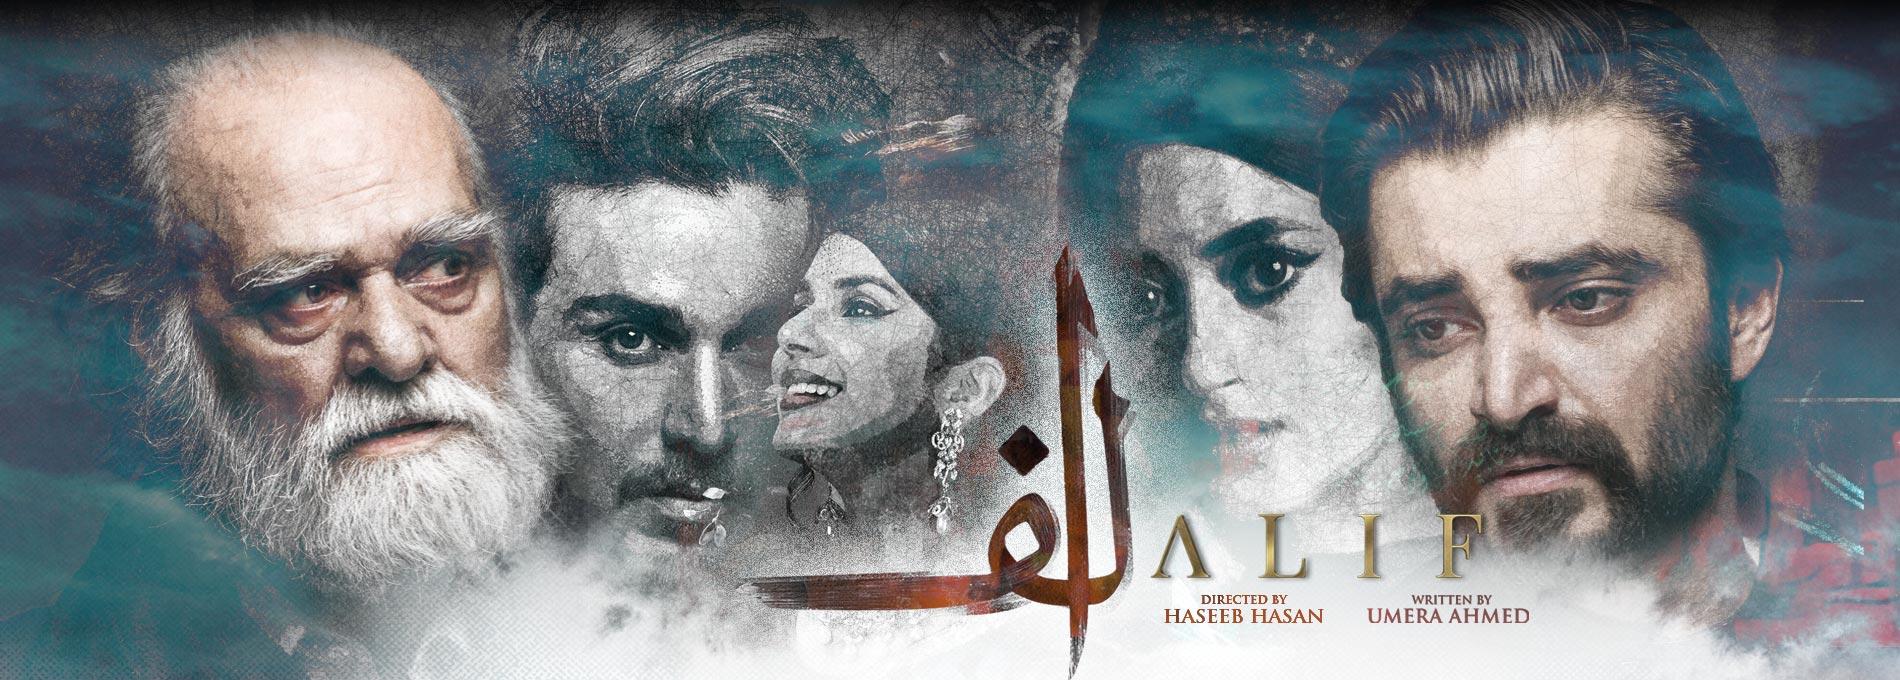 Alif hum tv drama